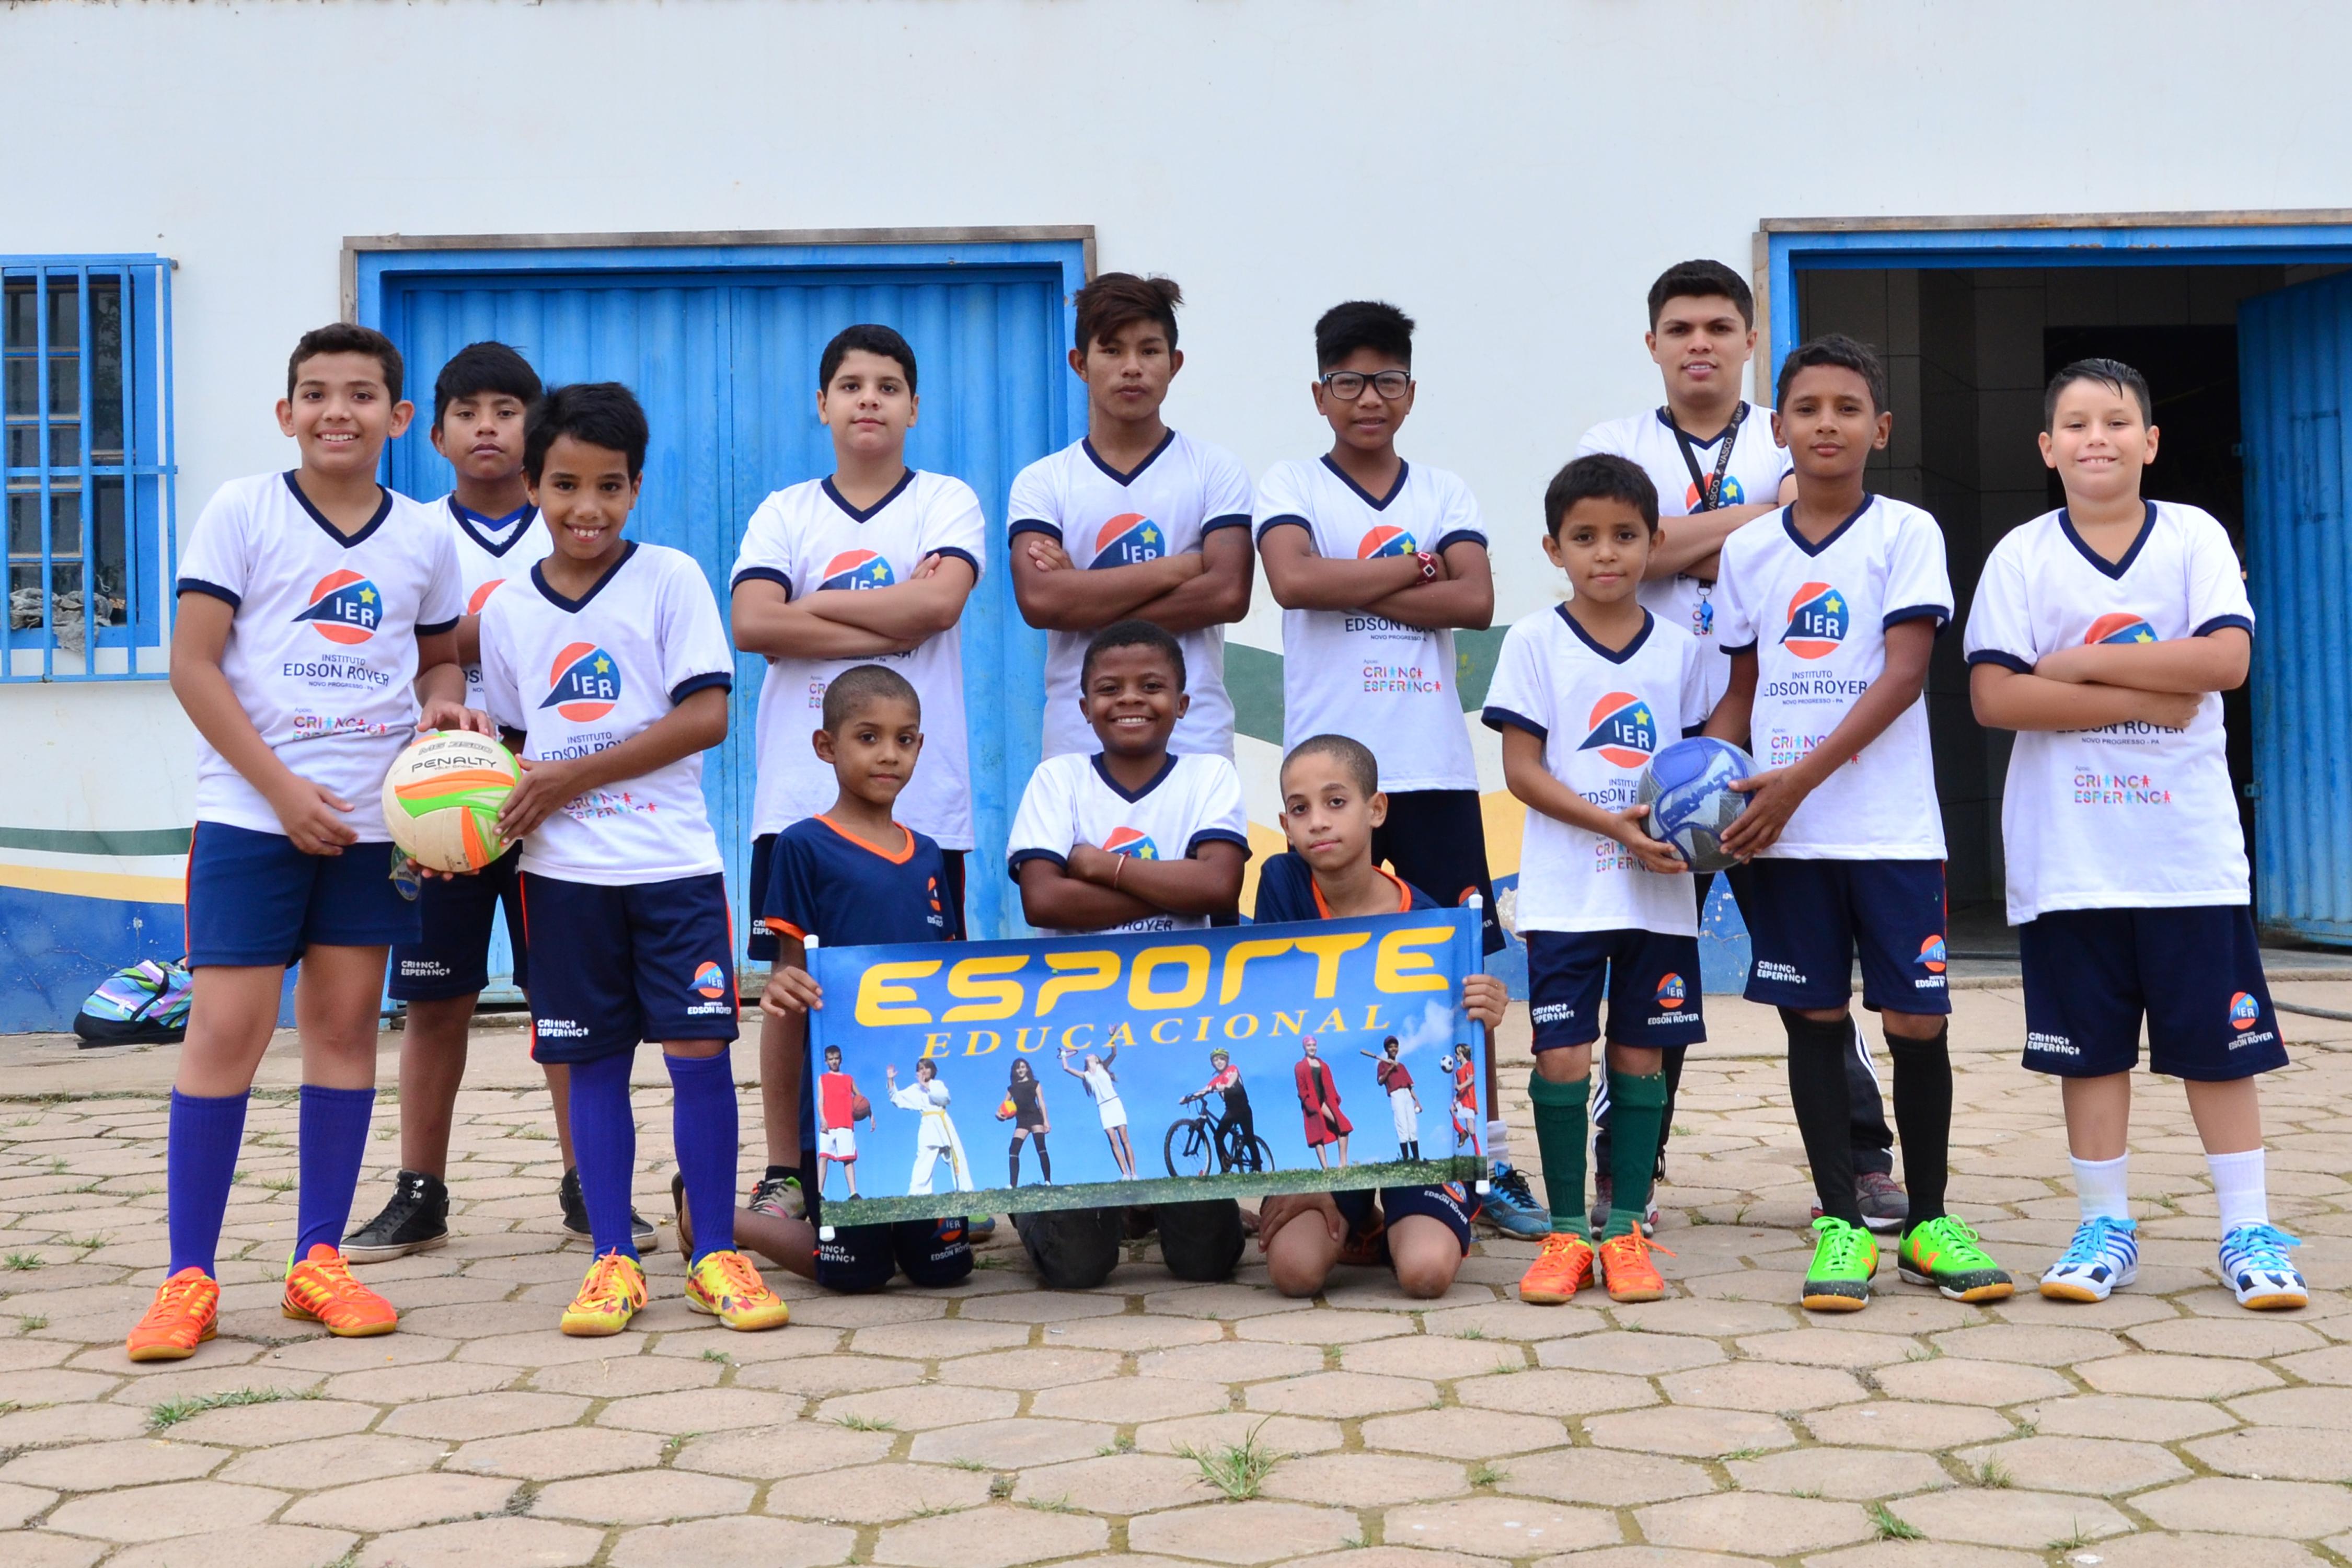 Educa Esporte